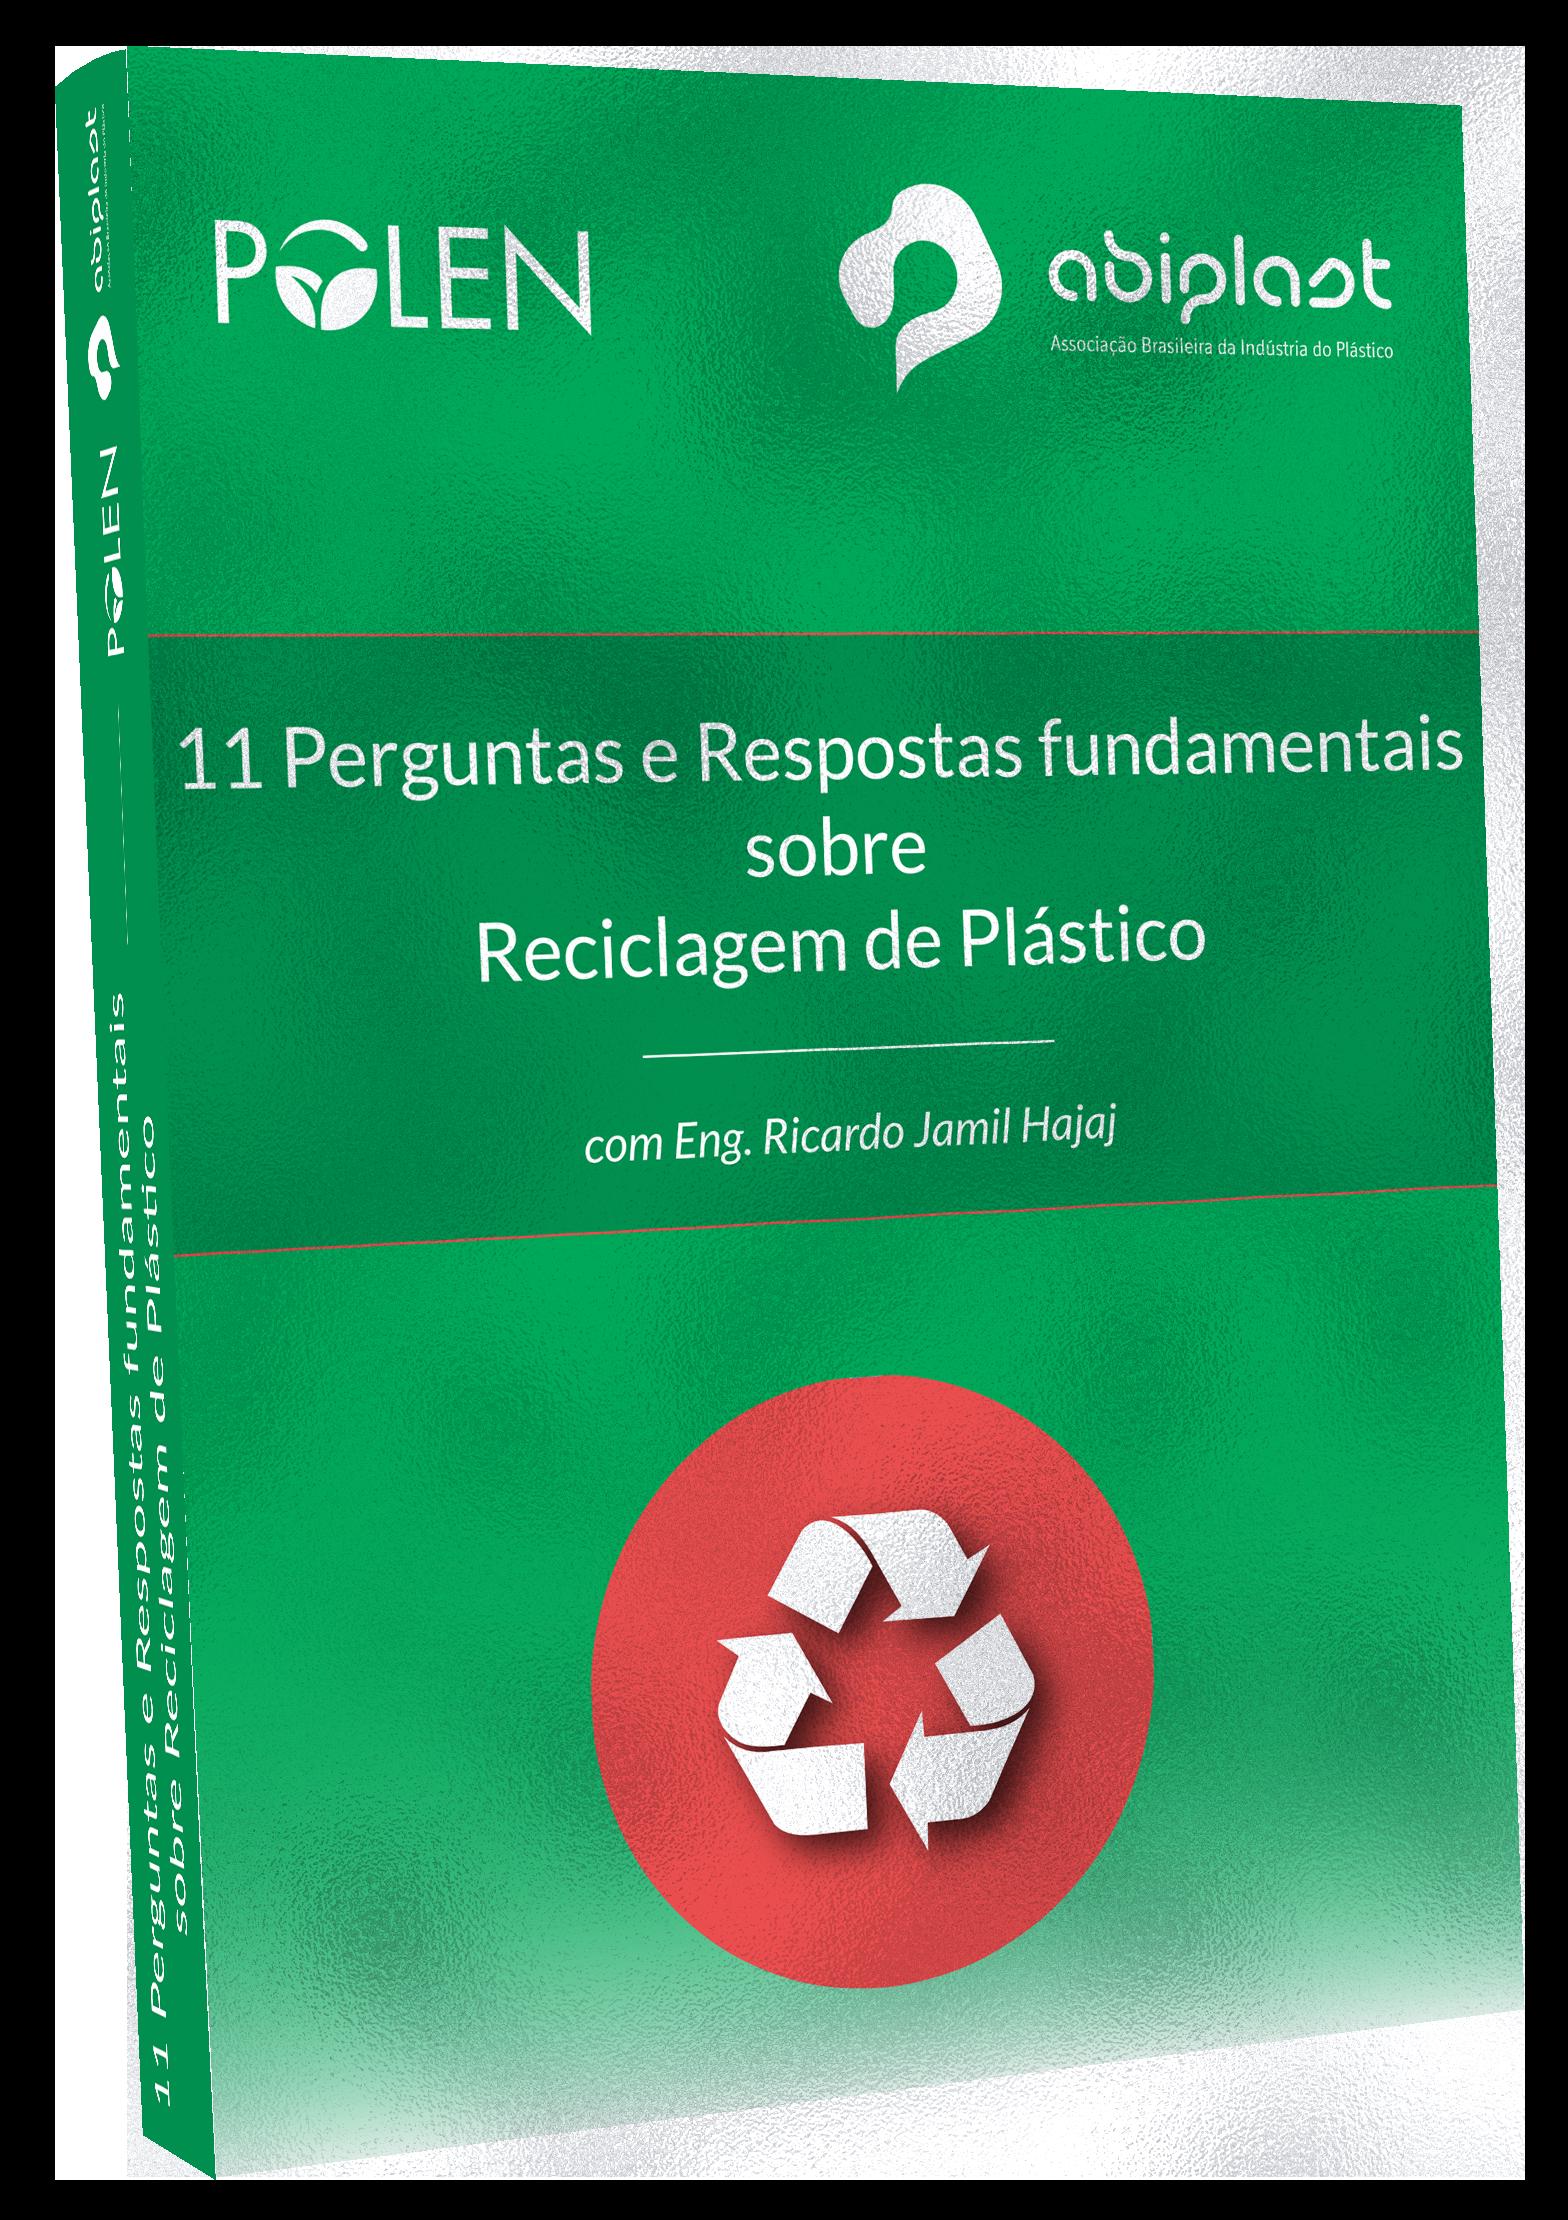 Livro 2 11 Perguntas e Respostas Fundamentais sobre Reciclagem de Plástico